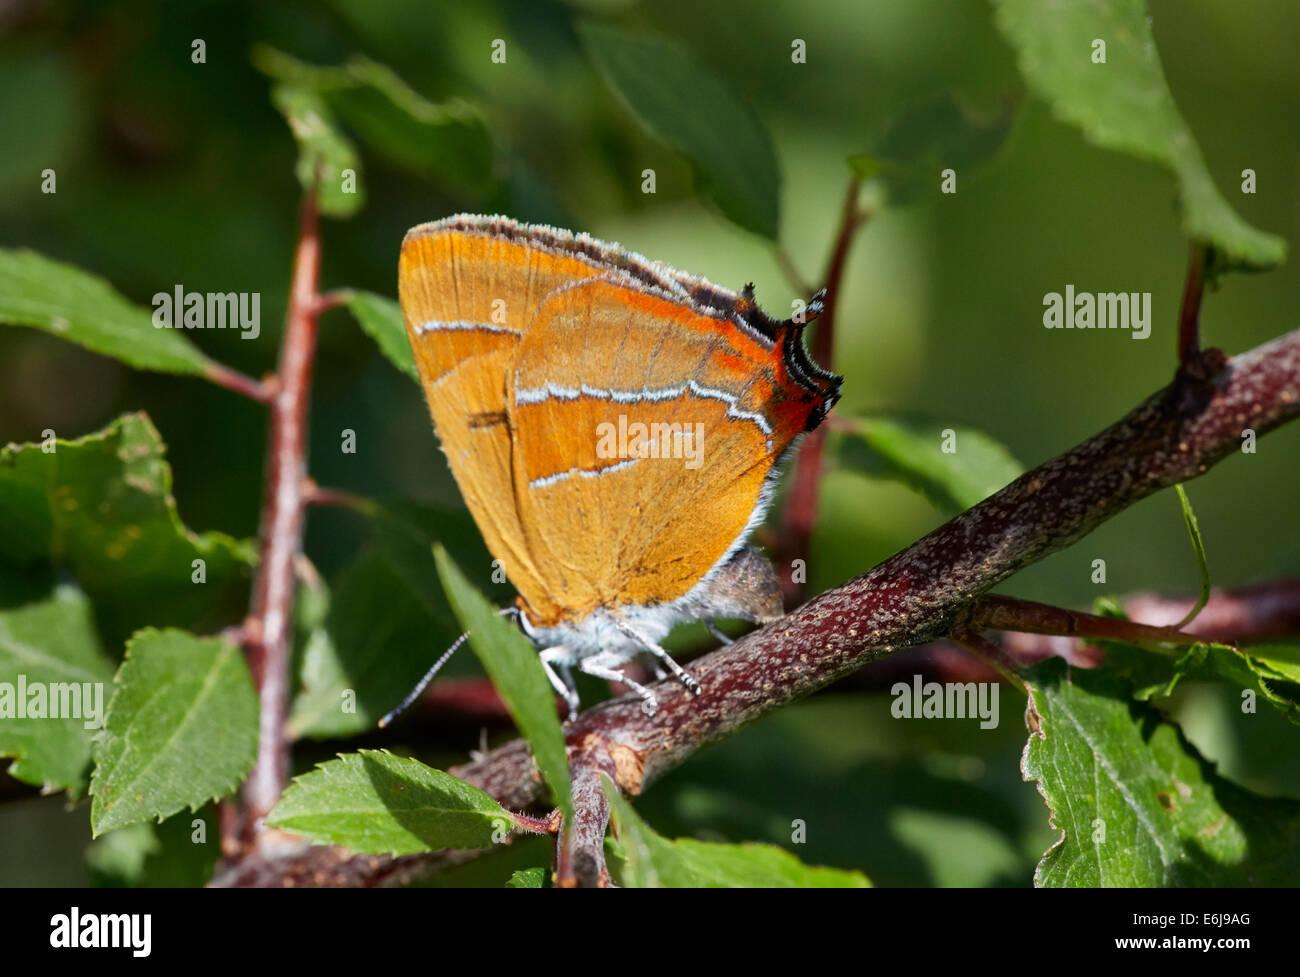 Braun Zipfelfalter Schmetterling Eiablage auf Schlehe. Steyning Schießstand, Steyning, Sussex, England. Stockbild